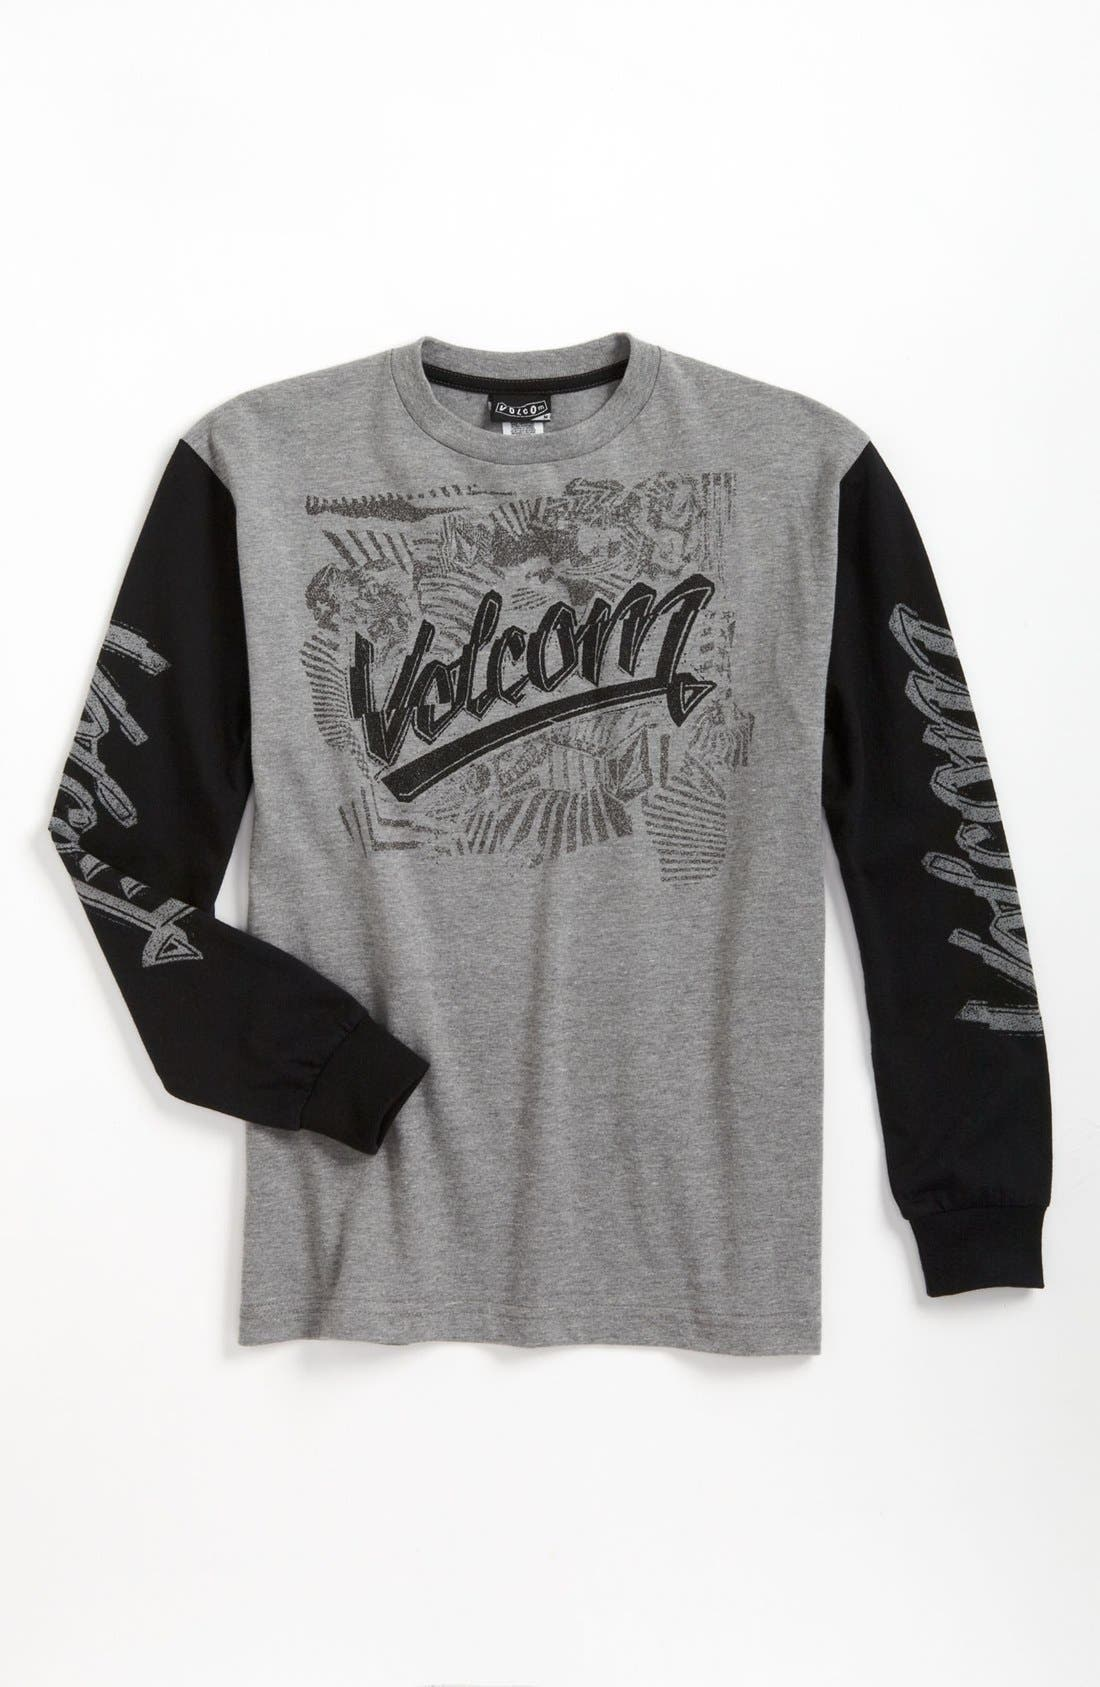 Alternate Image 1 Selected - Volcom 'Pranto' T-Shirt (Big Boys)